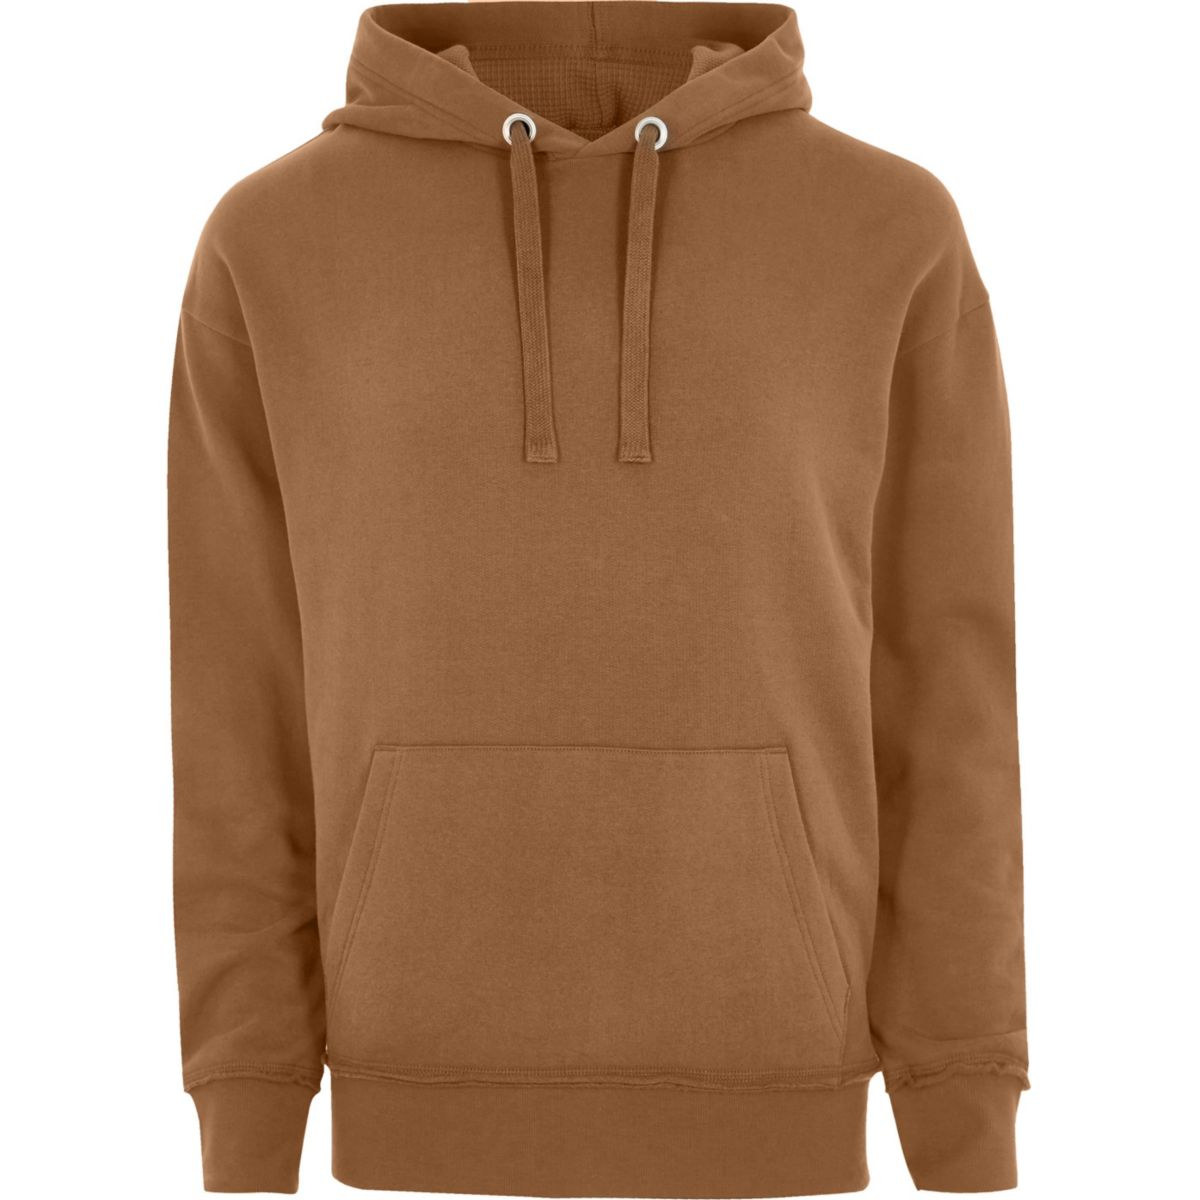 Brown oversized hoodie